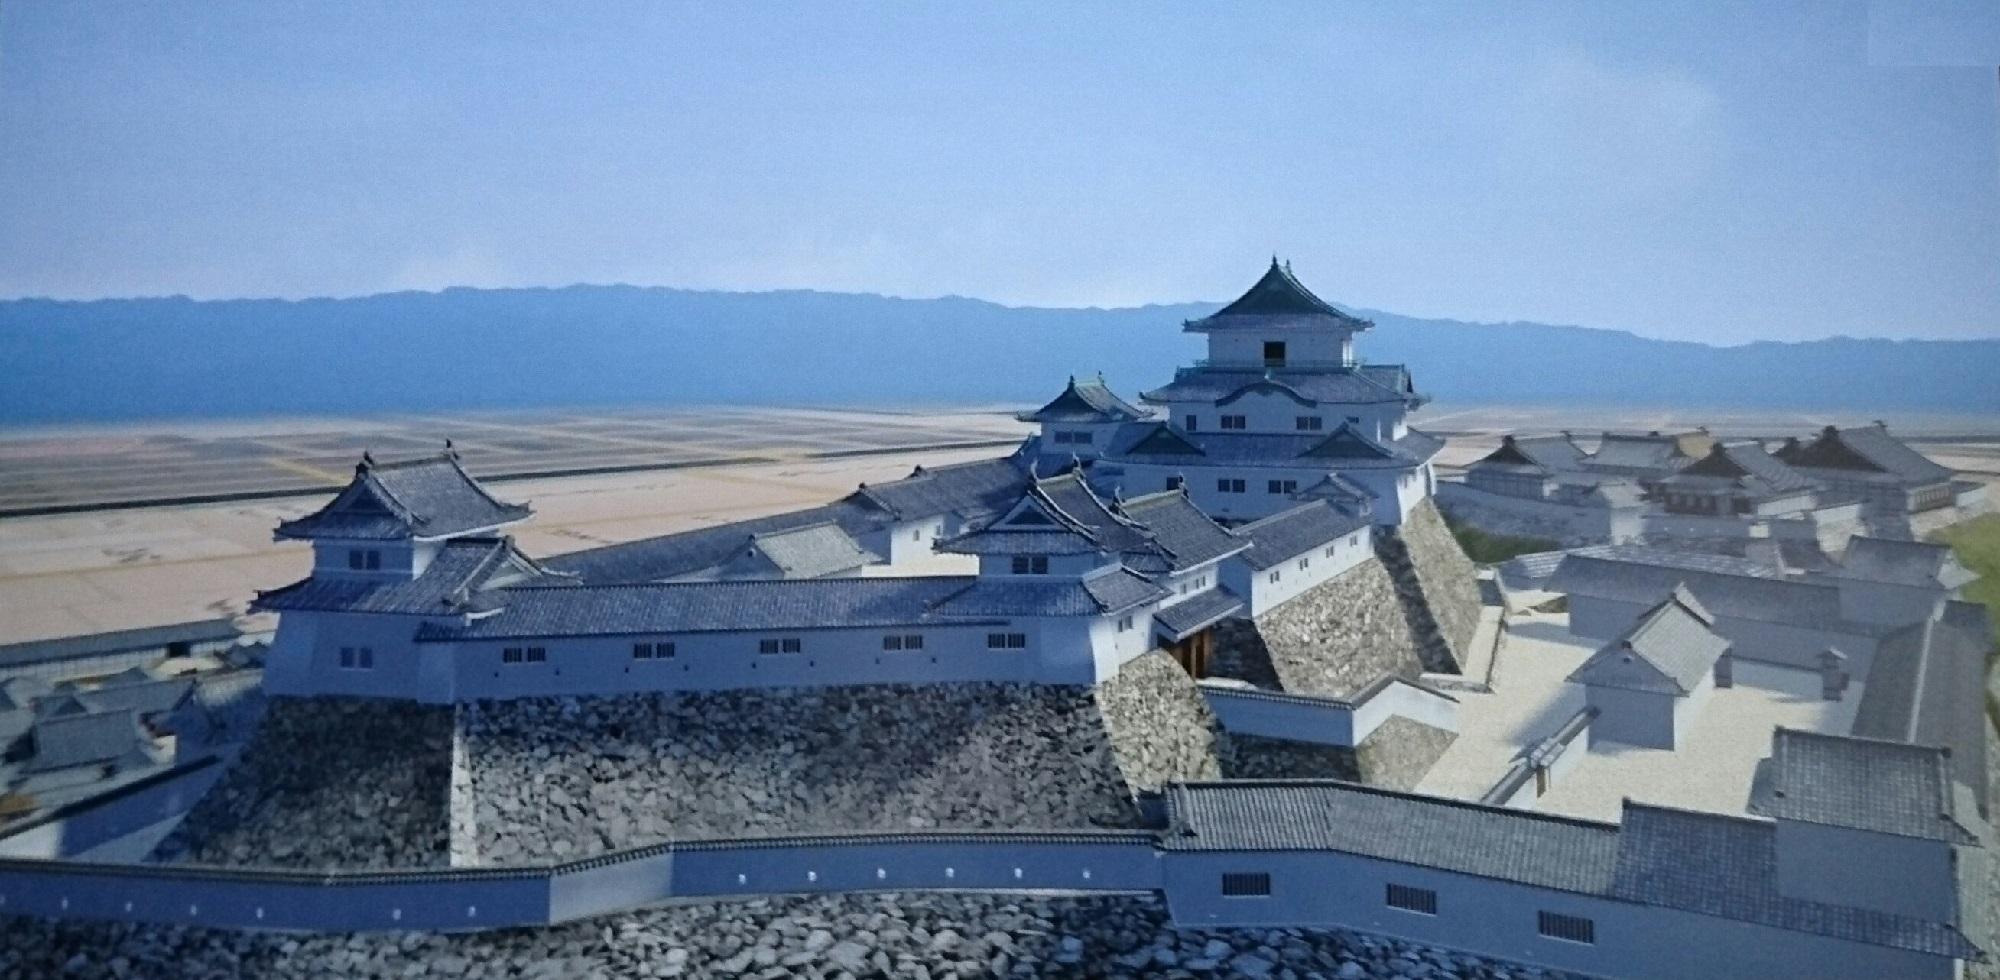 2017.8.17 わかやま (19) CG和歌山城 (3) 2000-980